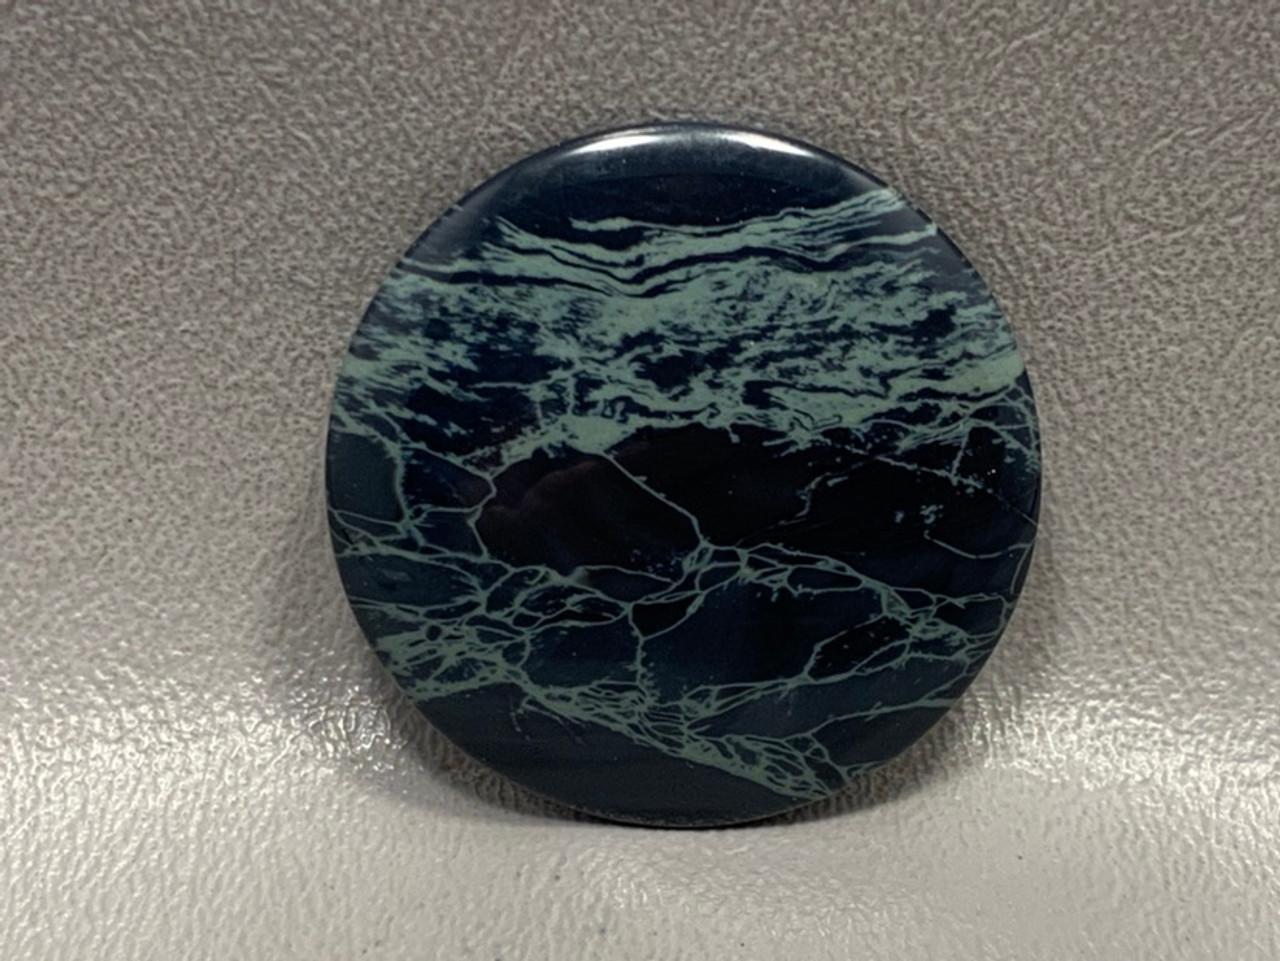 Spiderweb Obsidian Designer Cabochon 40 mm Round #8